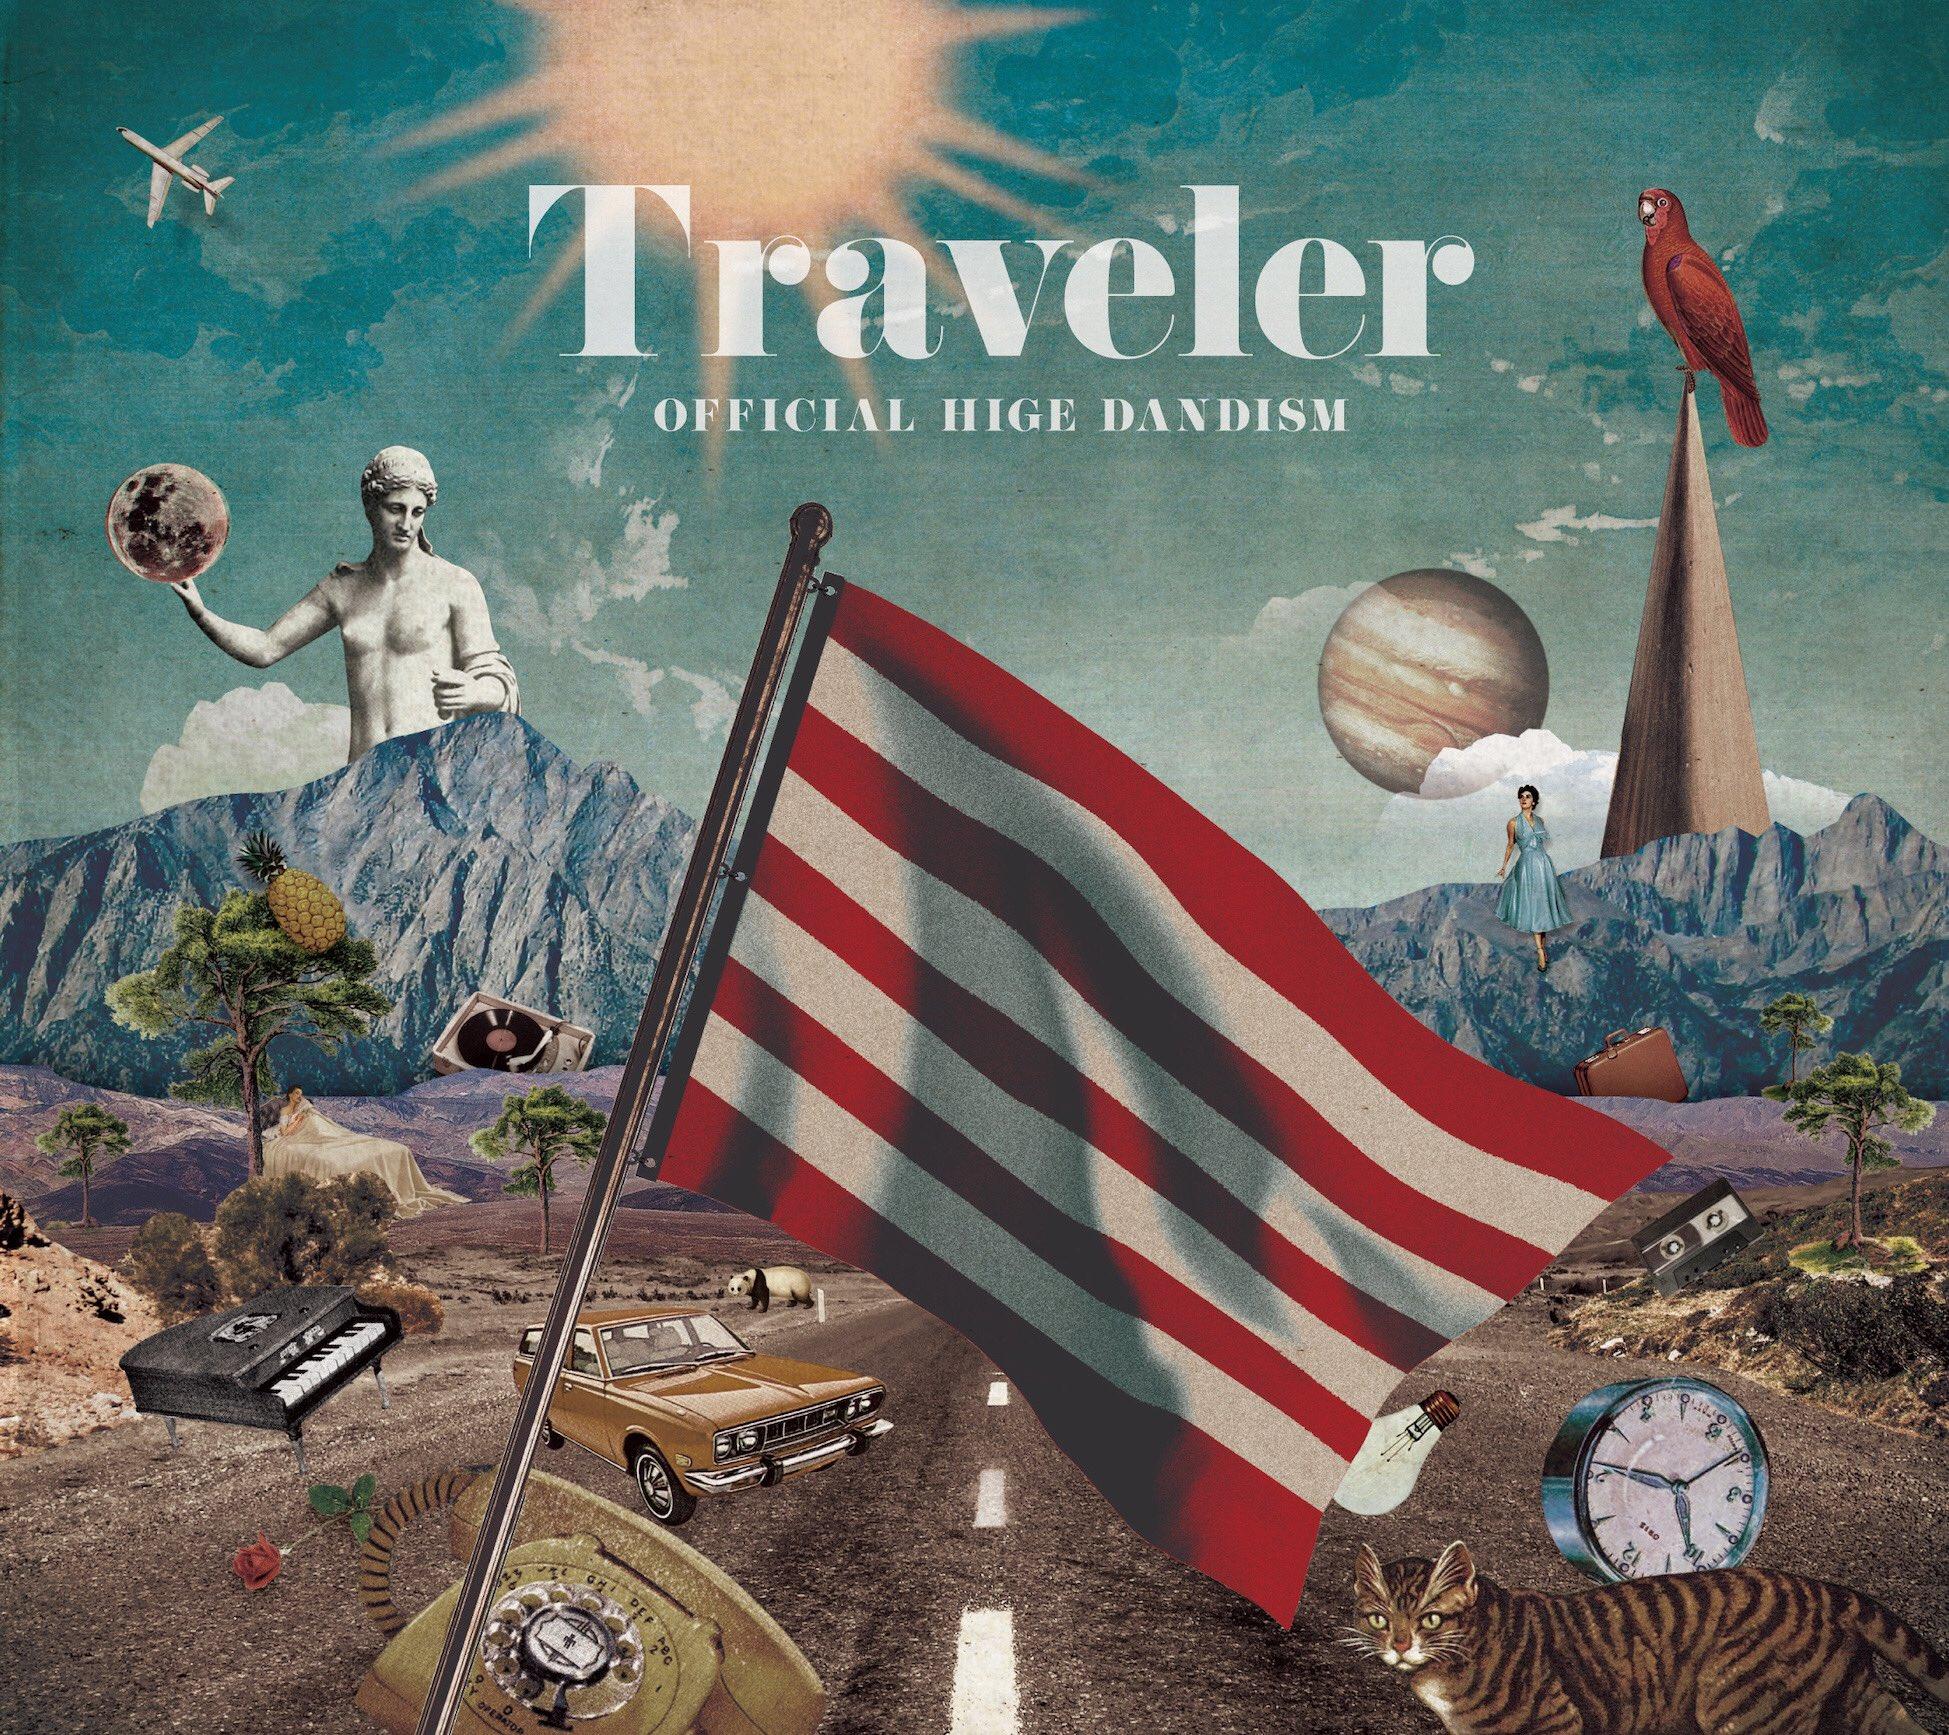 Official HIGE DANdism Traveler